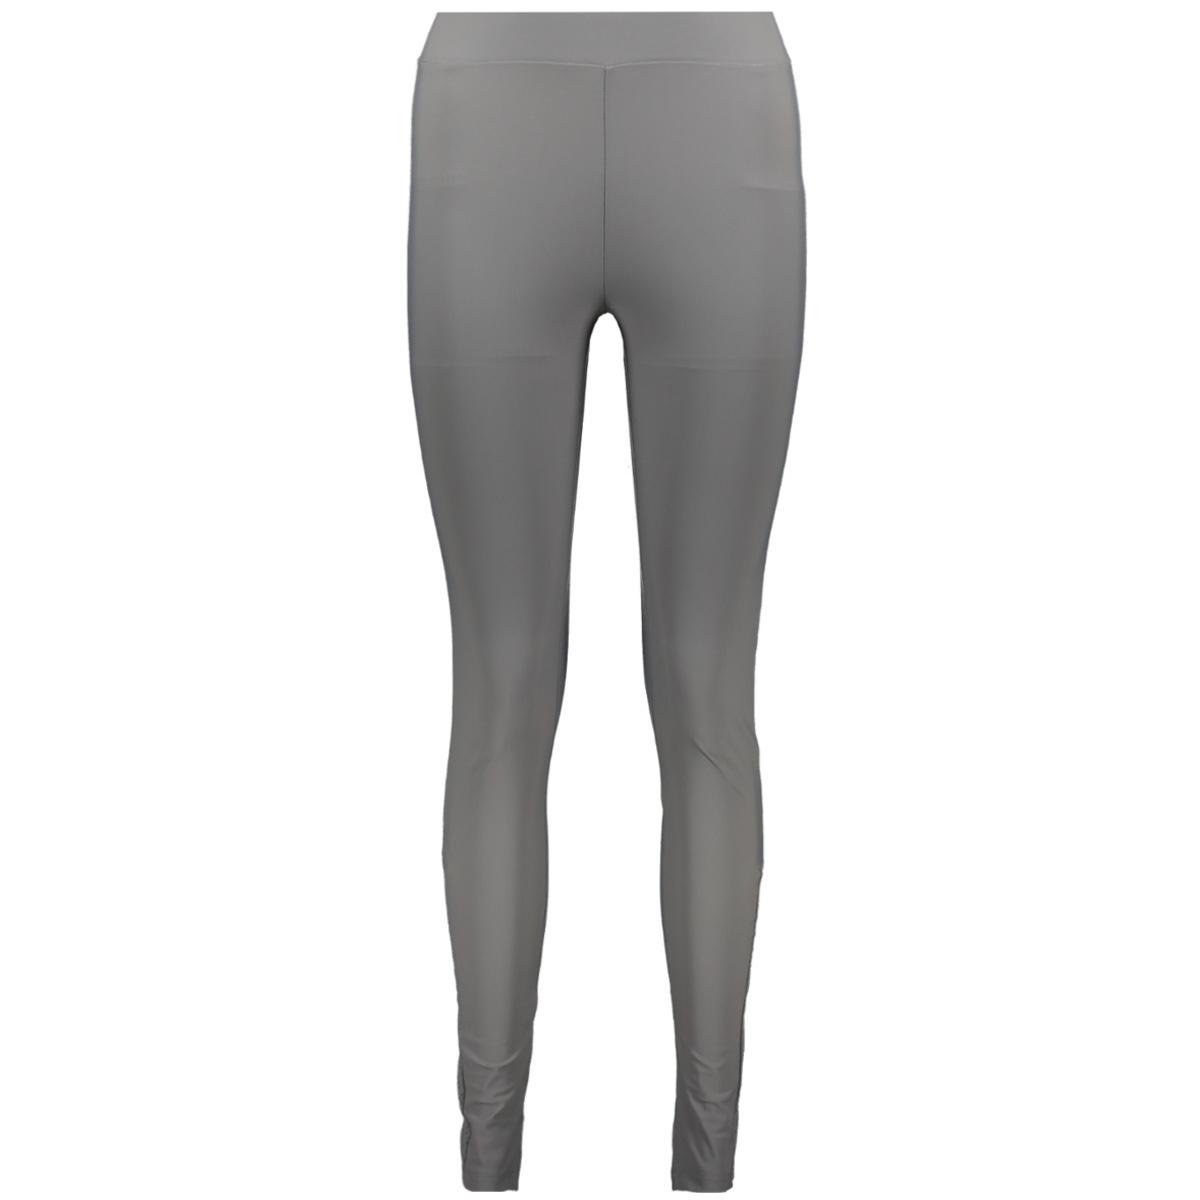 hilda travel legging 192 zoso legging grey